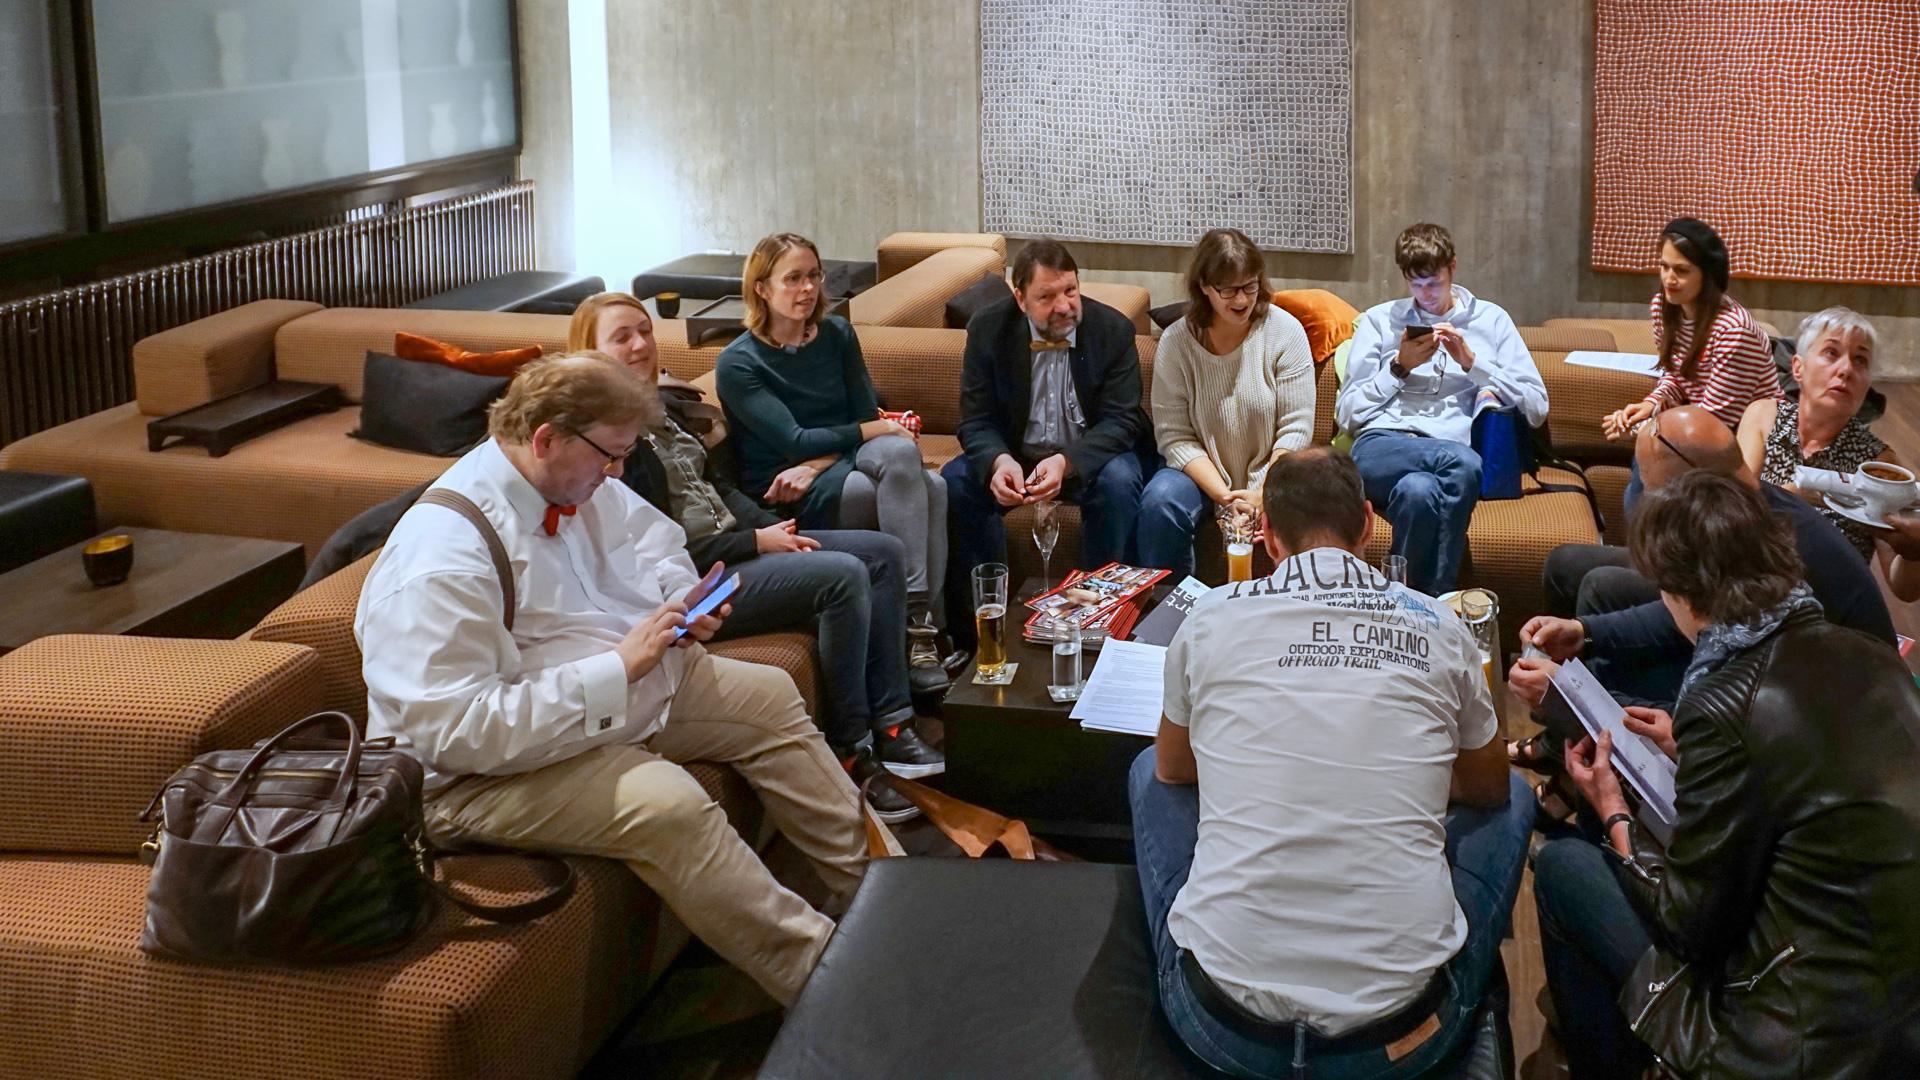 Bloggerclub in Franken